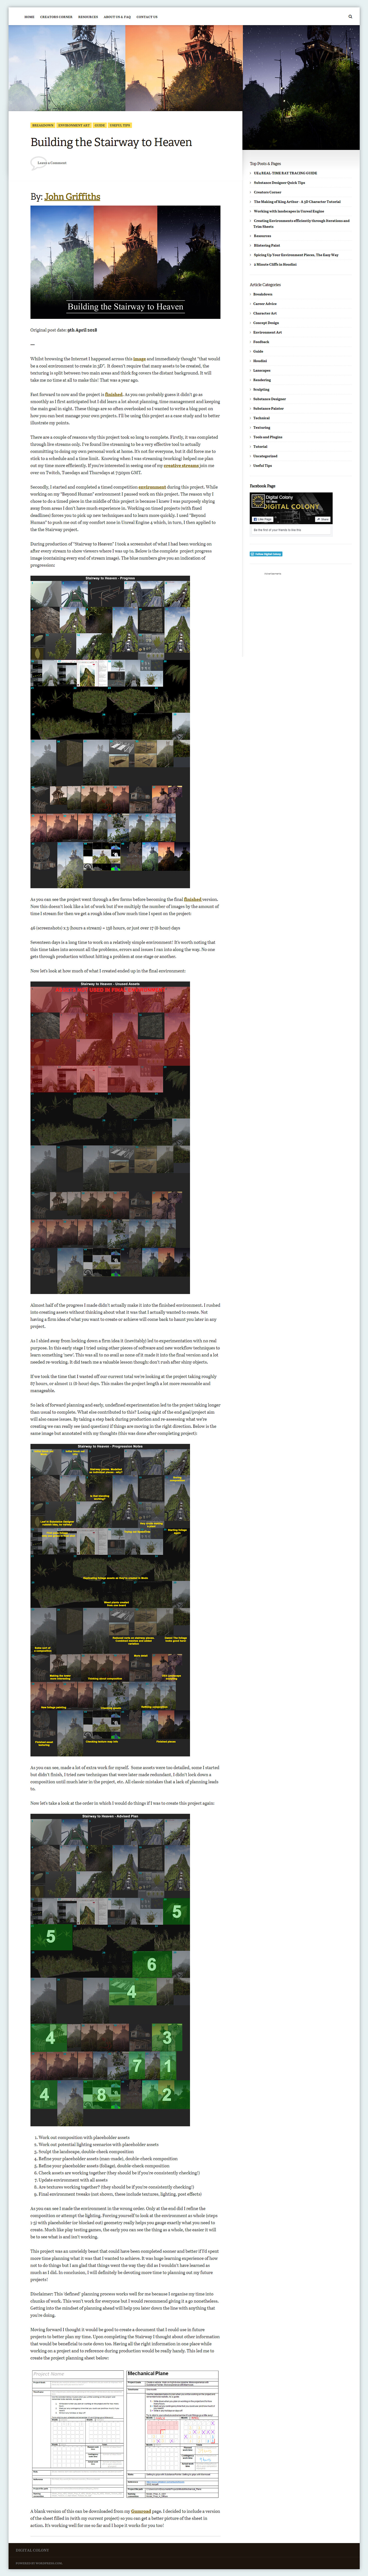 John griffiths article stairwaytoheaven